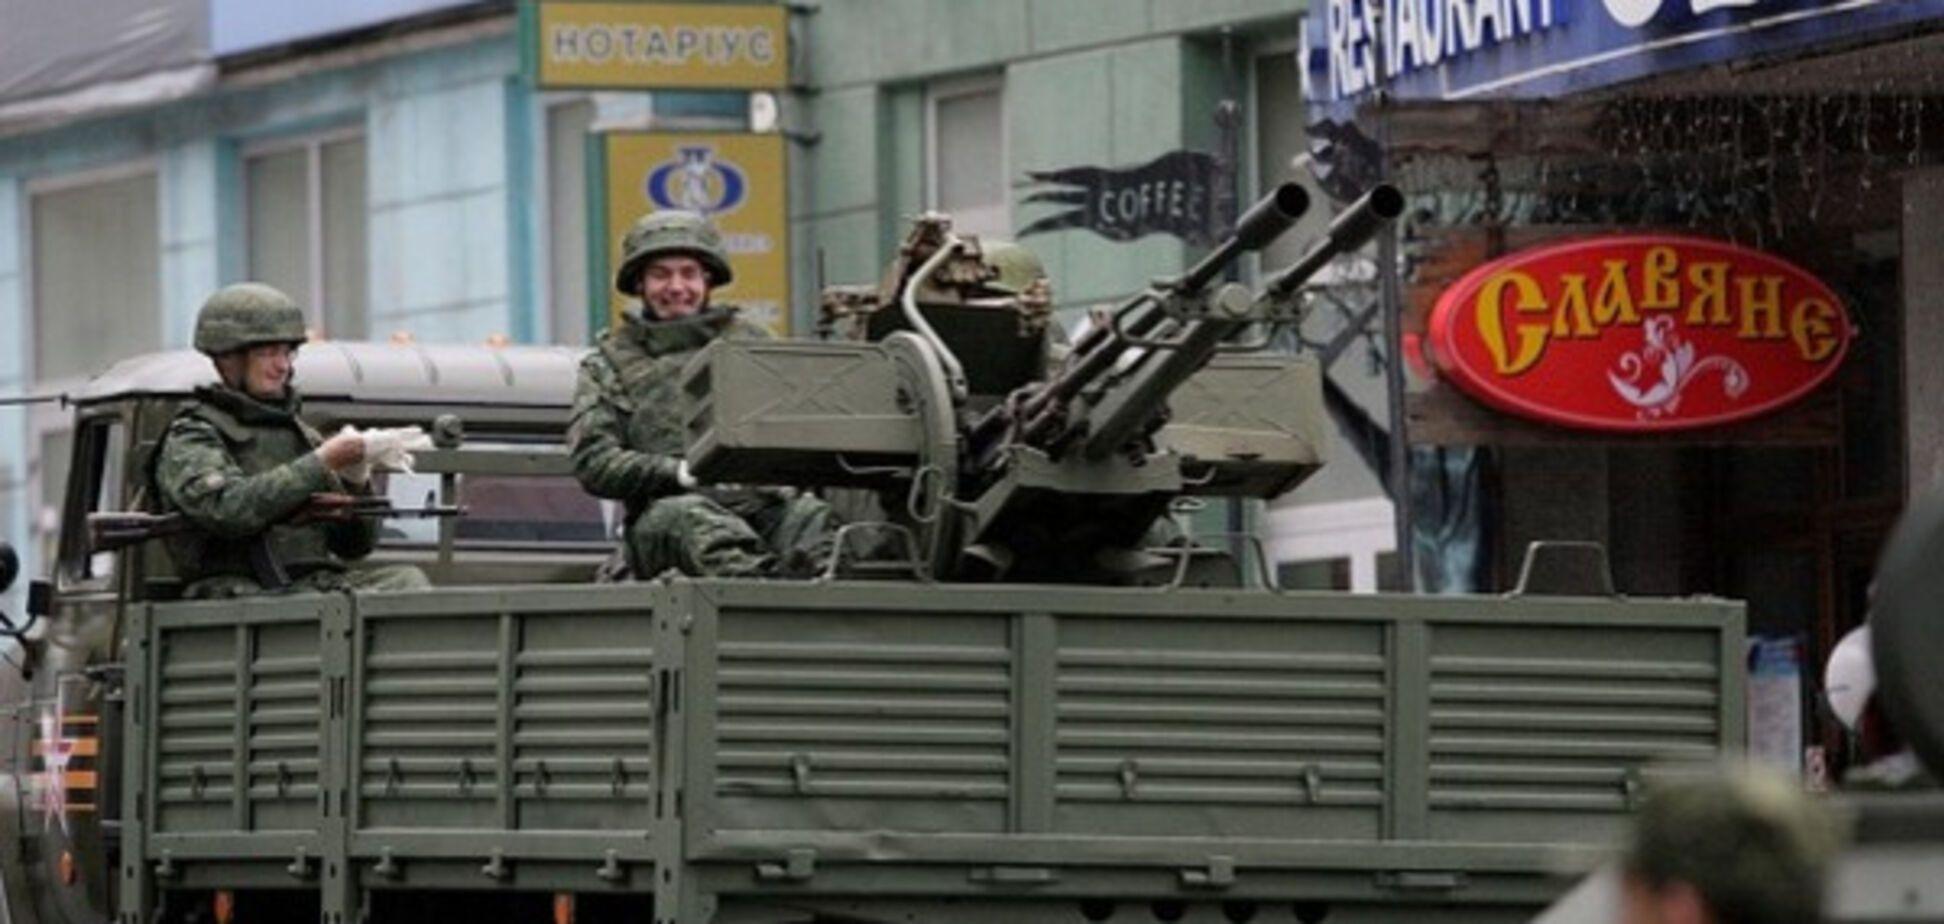 Підозріла поведінка терористів на Донбасі: військовий дав просте пояснення